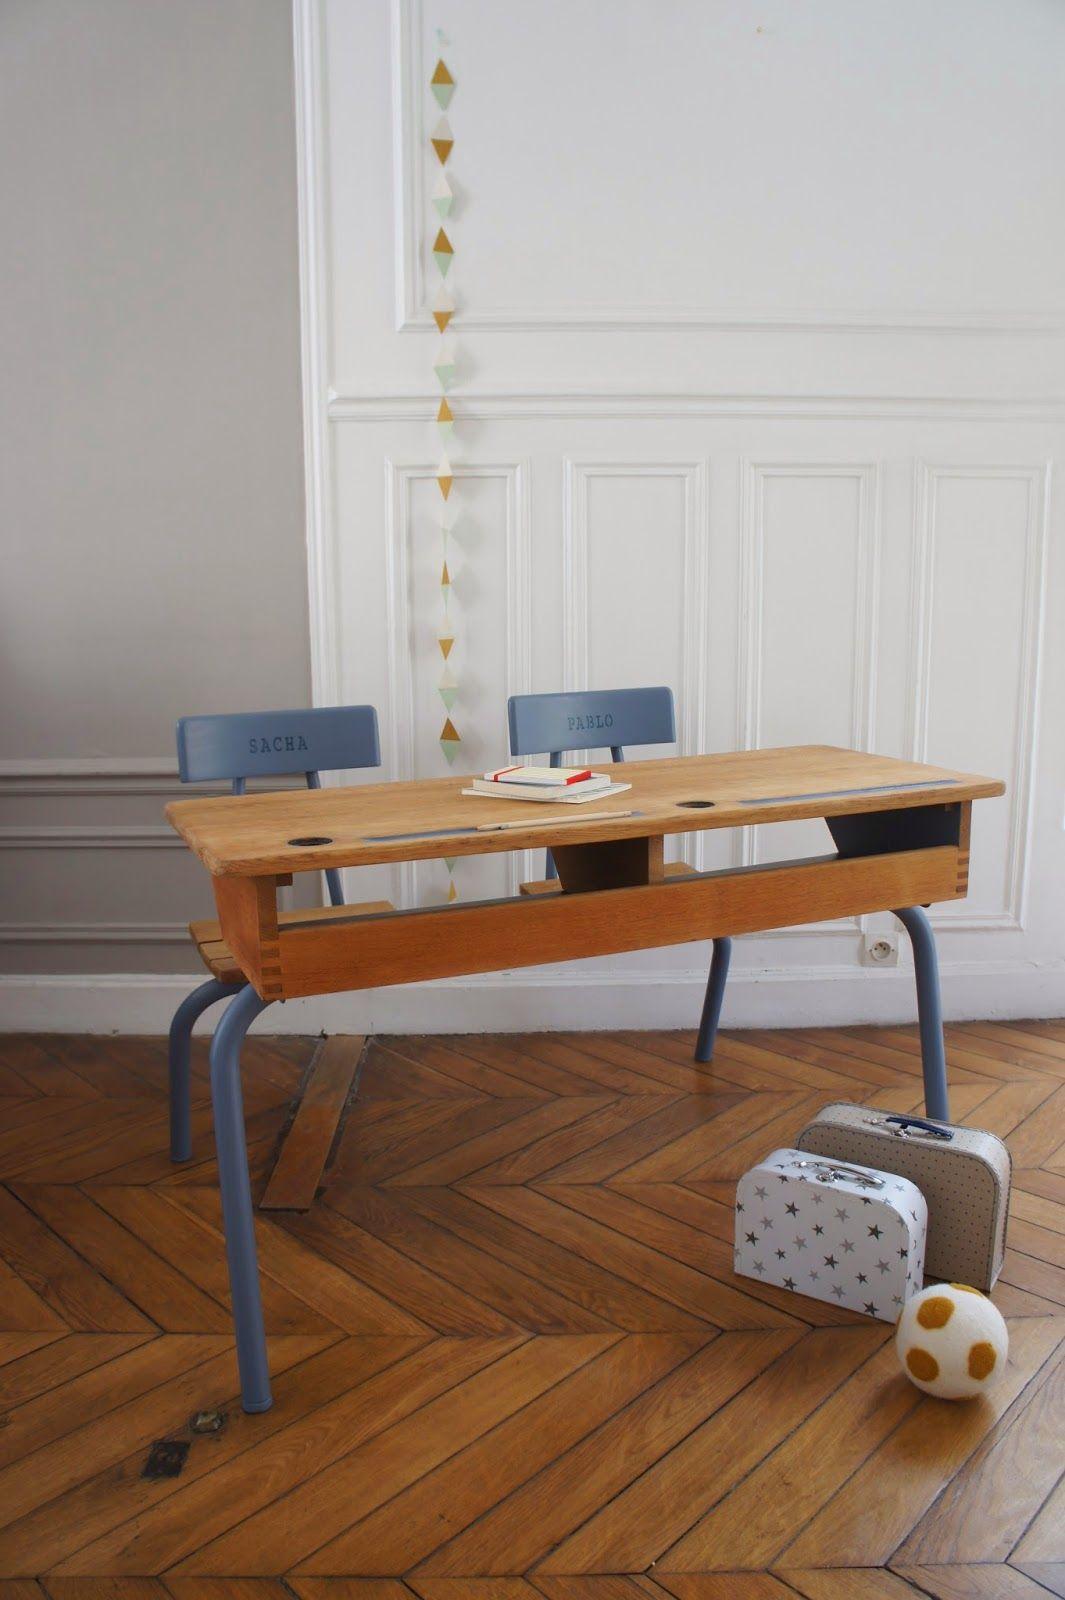 atelier petit toit pupitre vintage revisit sur commande sept 14 workspace pinterest. Black Bedroom Furniture Sets. Home Design Ideas